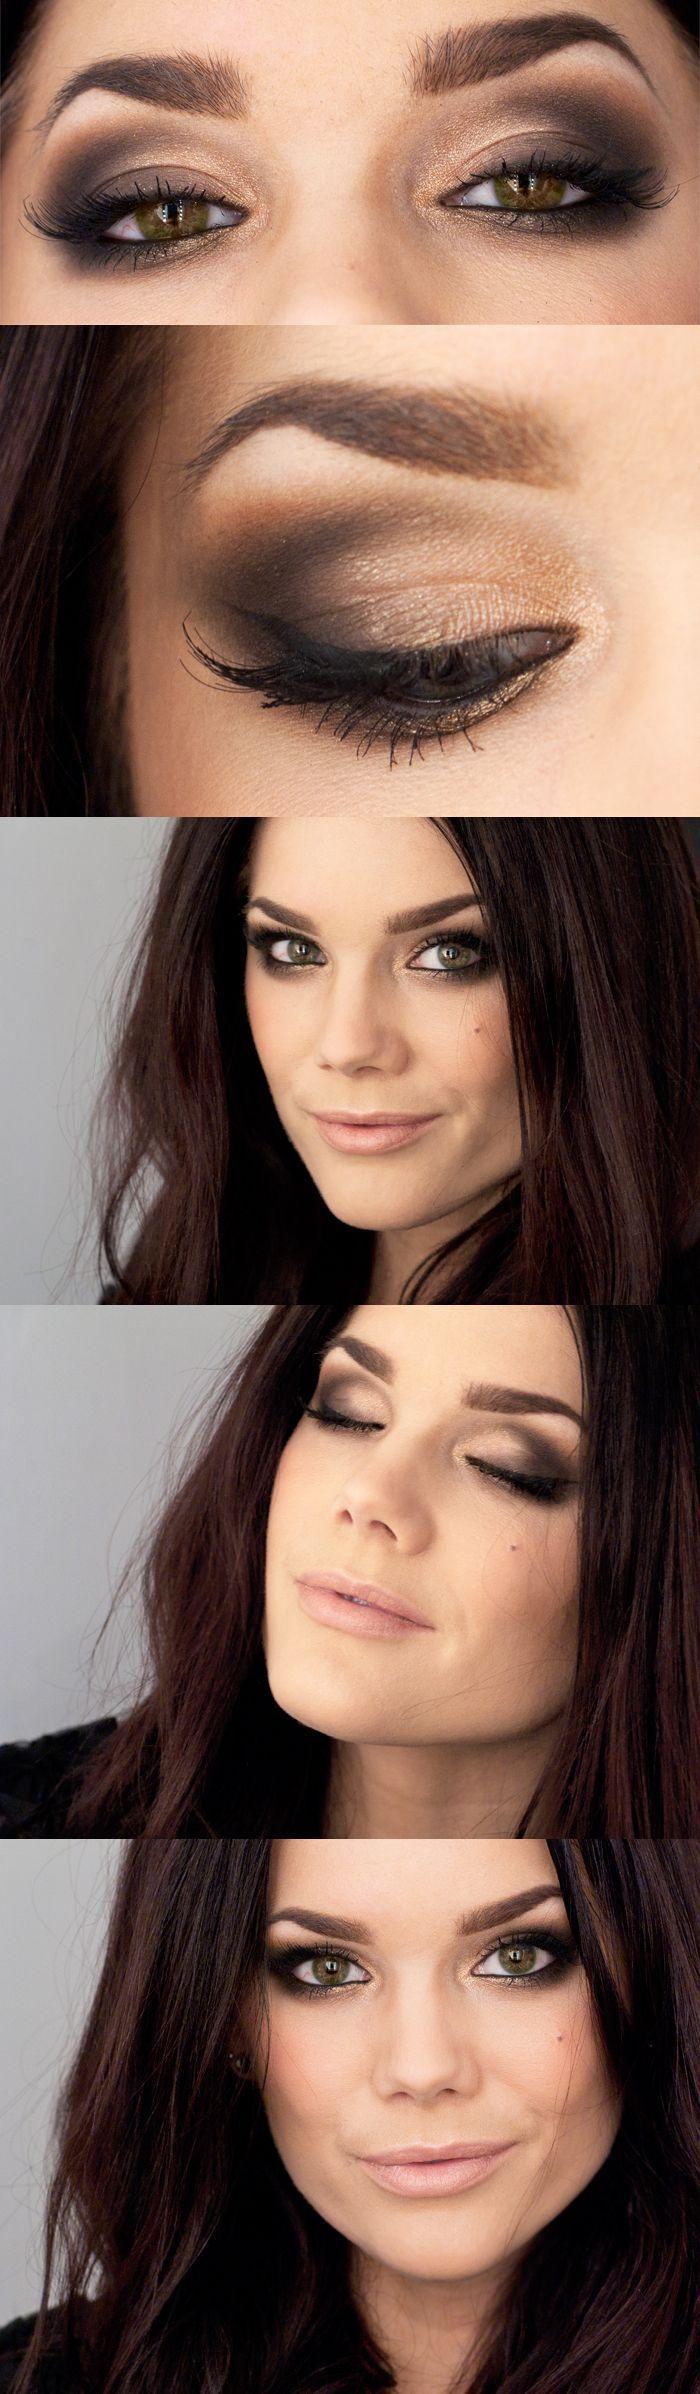 Dark smoky eyes inspired by Mila Kunis